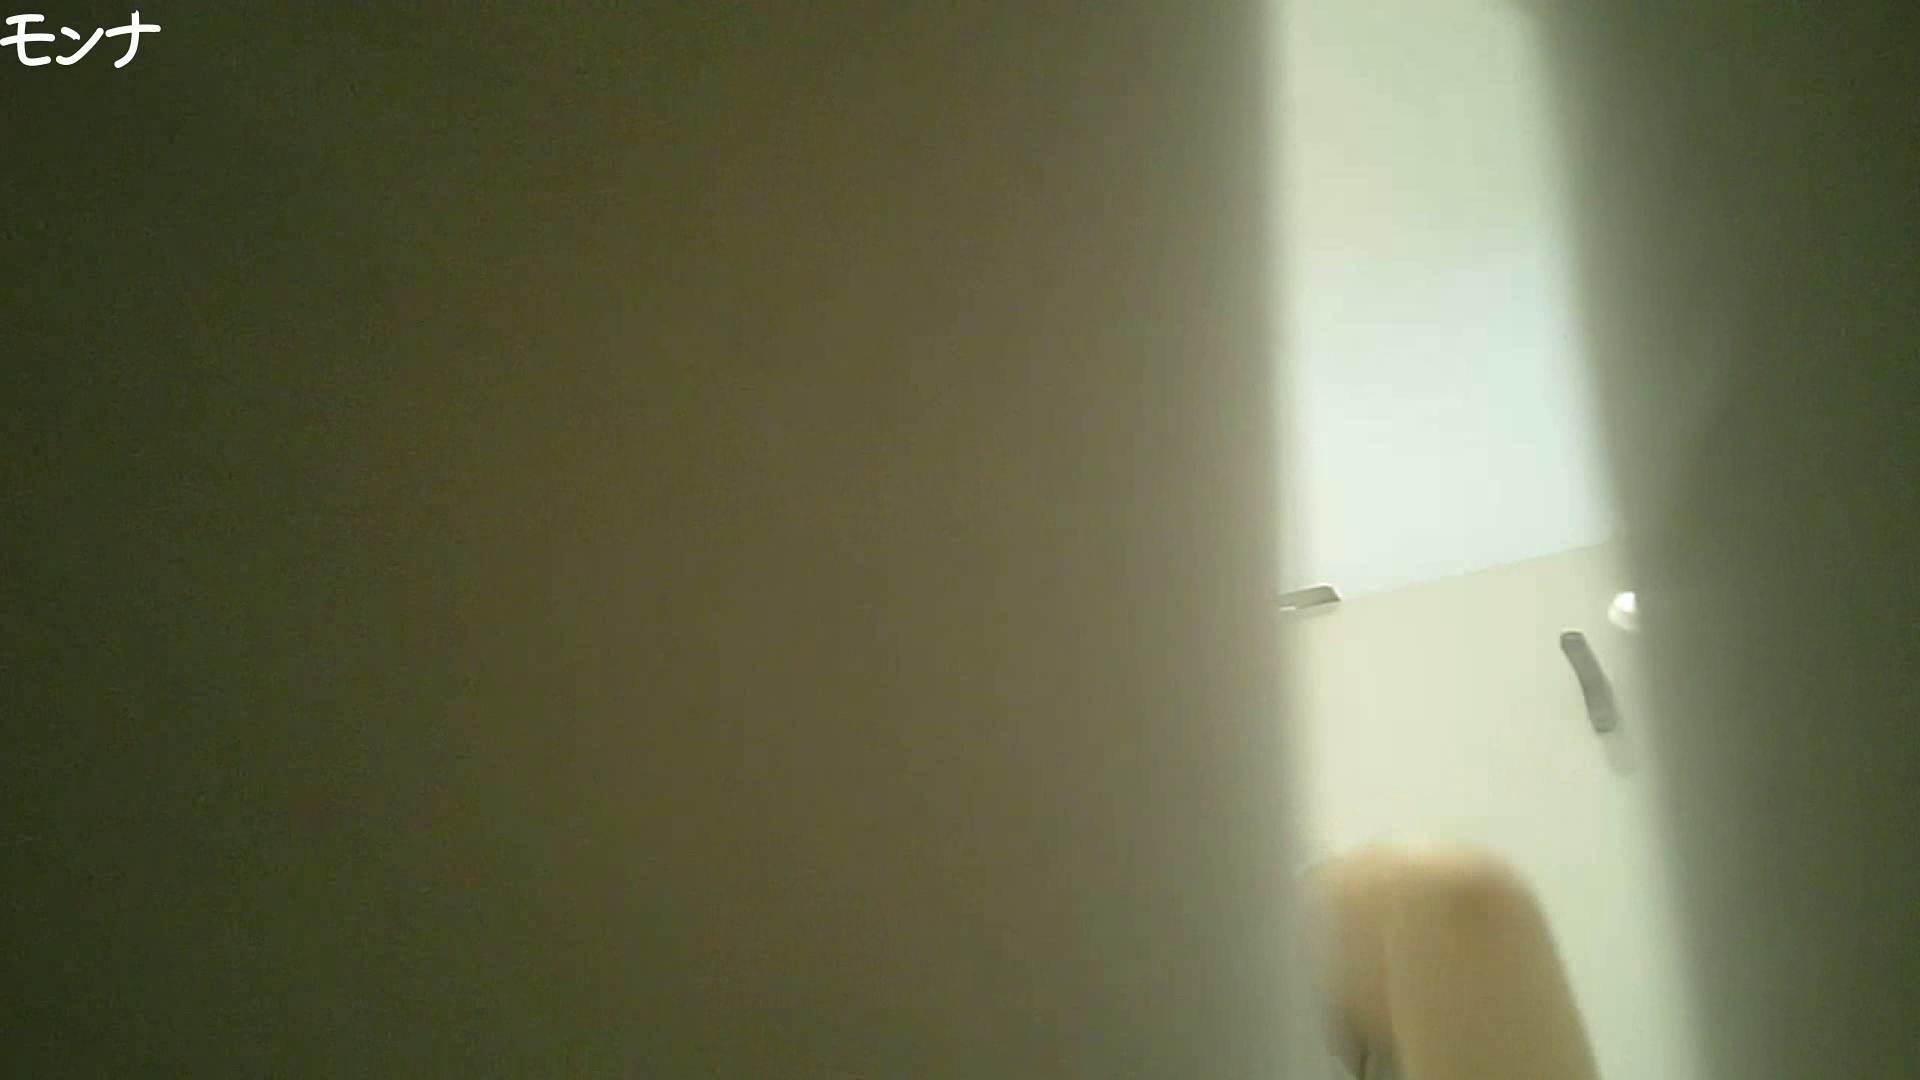 有名大学女性洗面所 vol.65 秘技!!マルチアングル天井撮り!! 丸見え 戯れ無修正画像 110枚 25